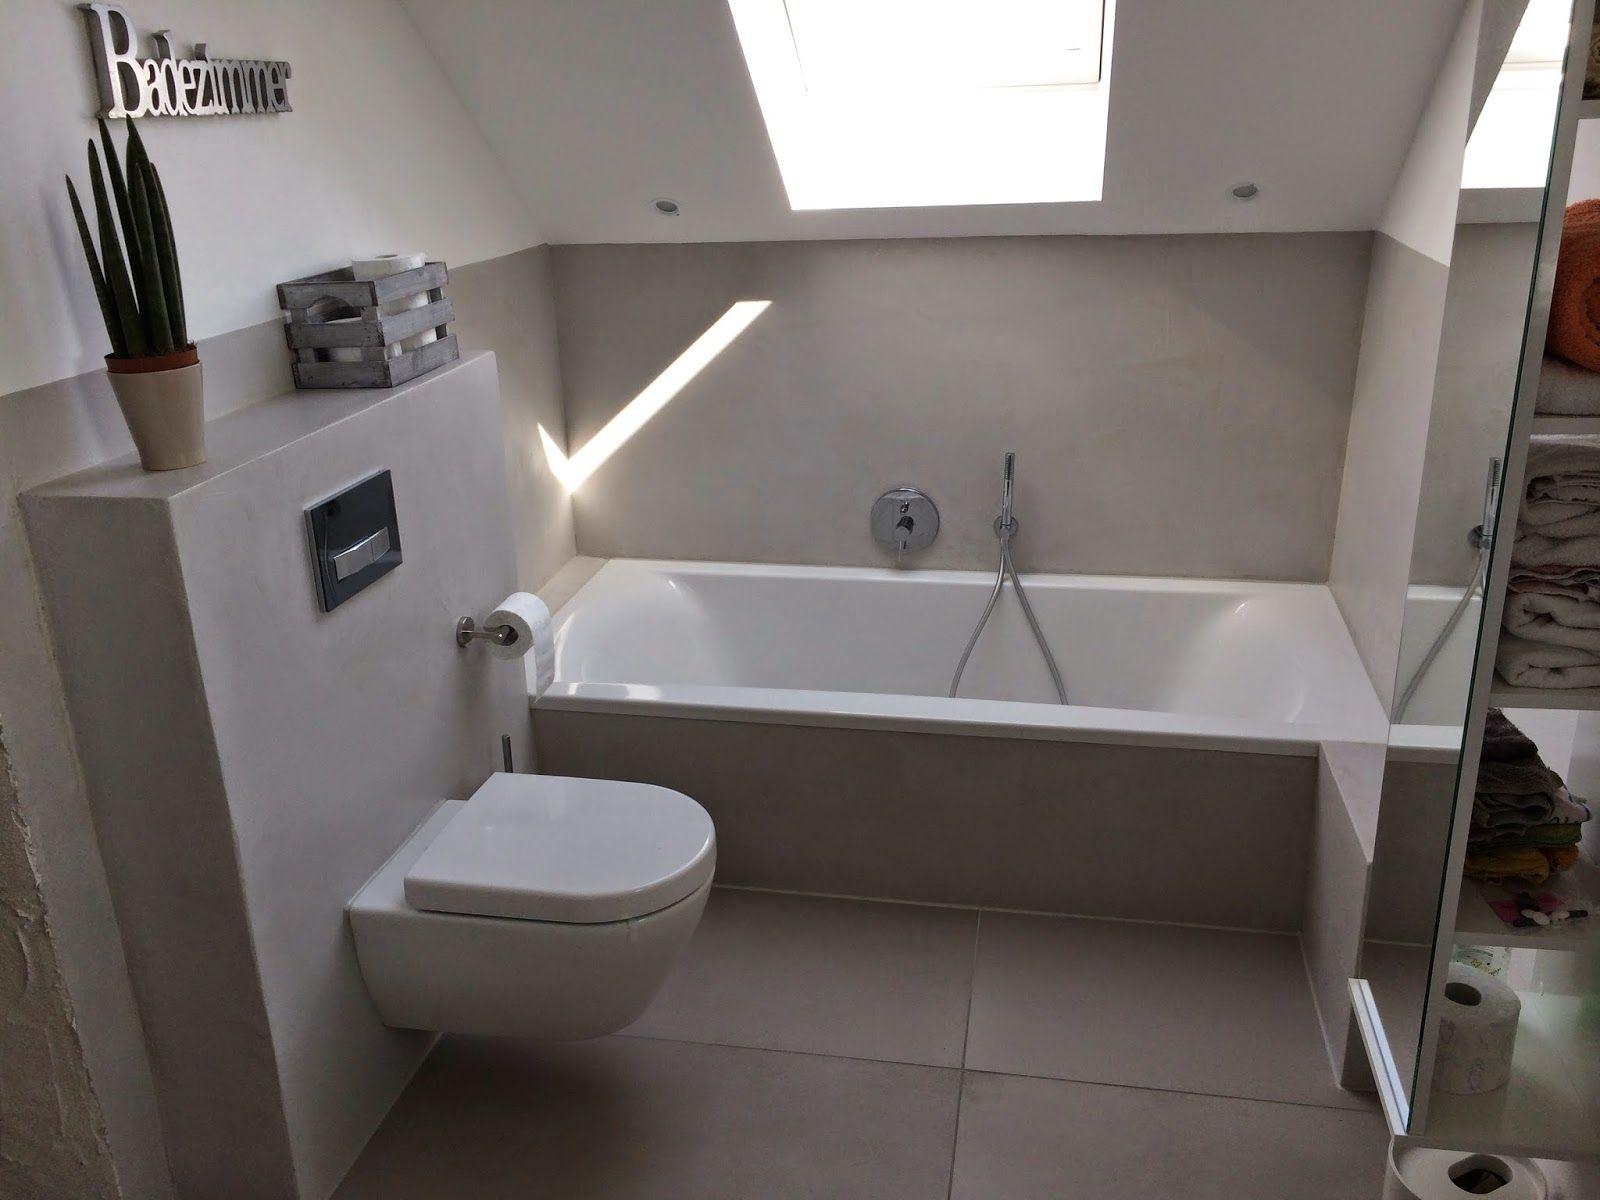 Badezimmer Preise ~ Wand wohndesign beton cire: september 2014 badezimmer pinterest